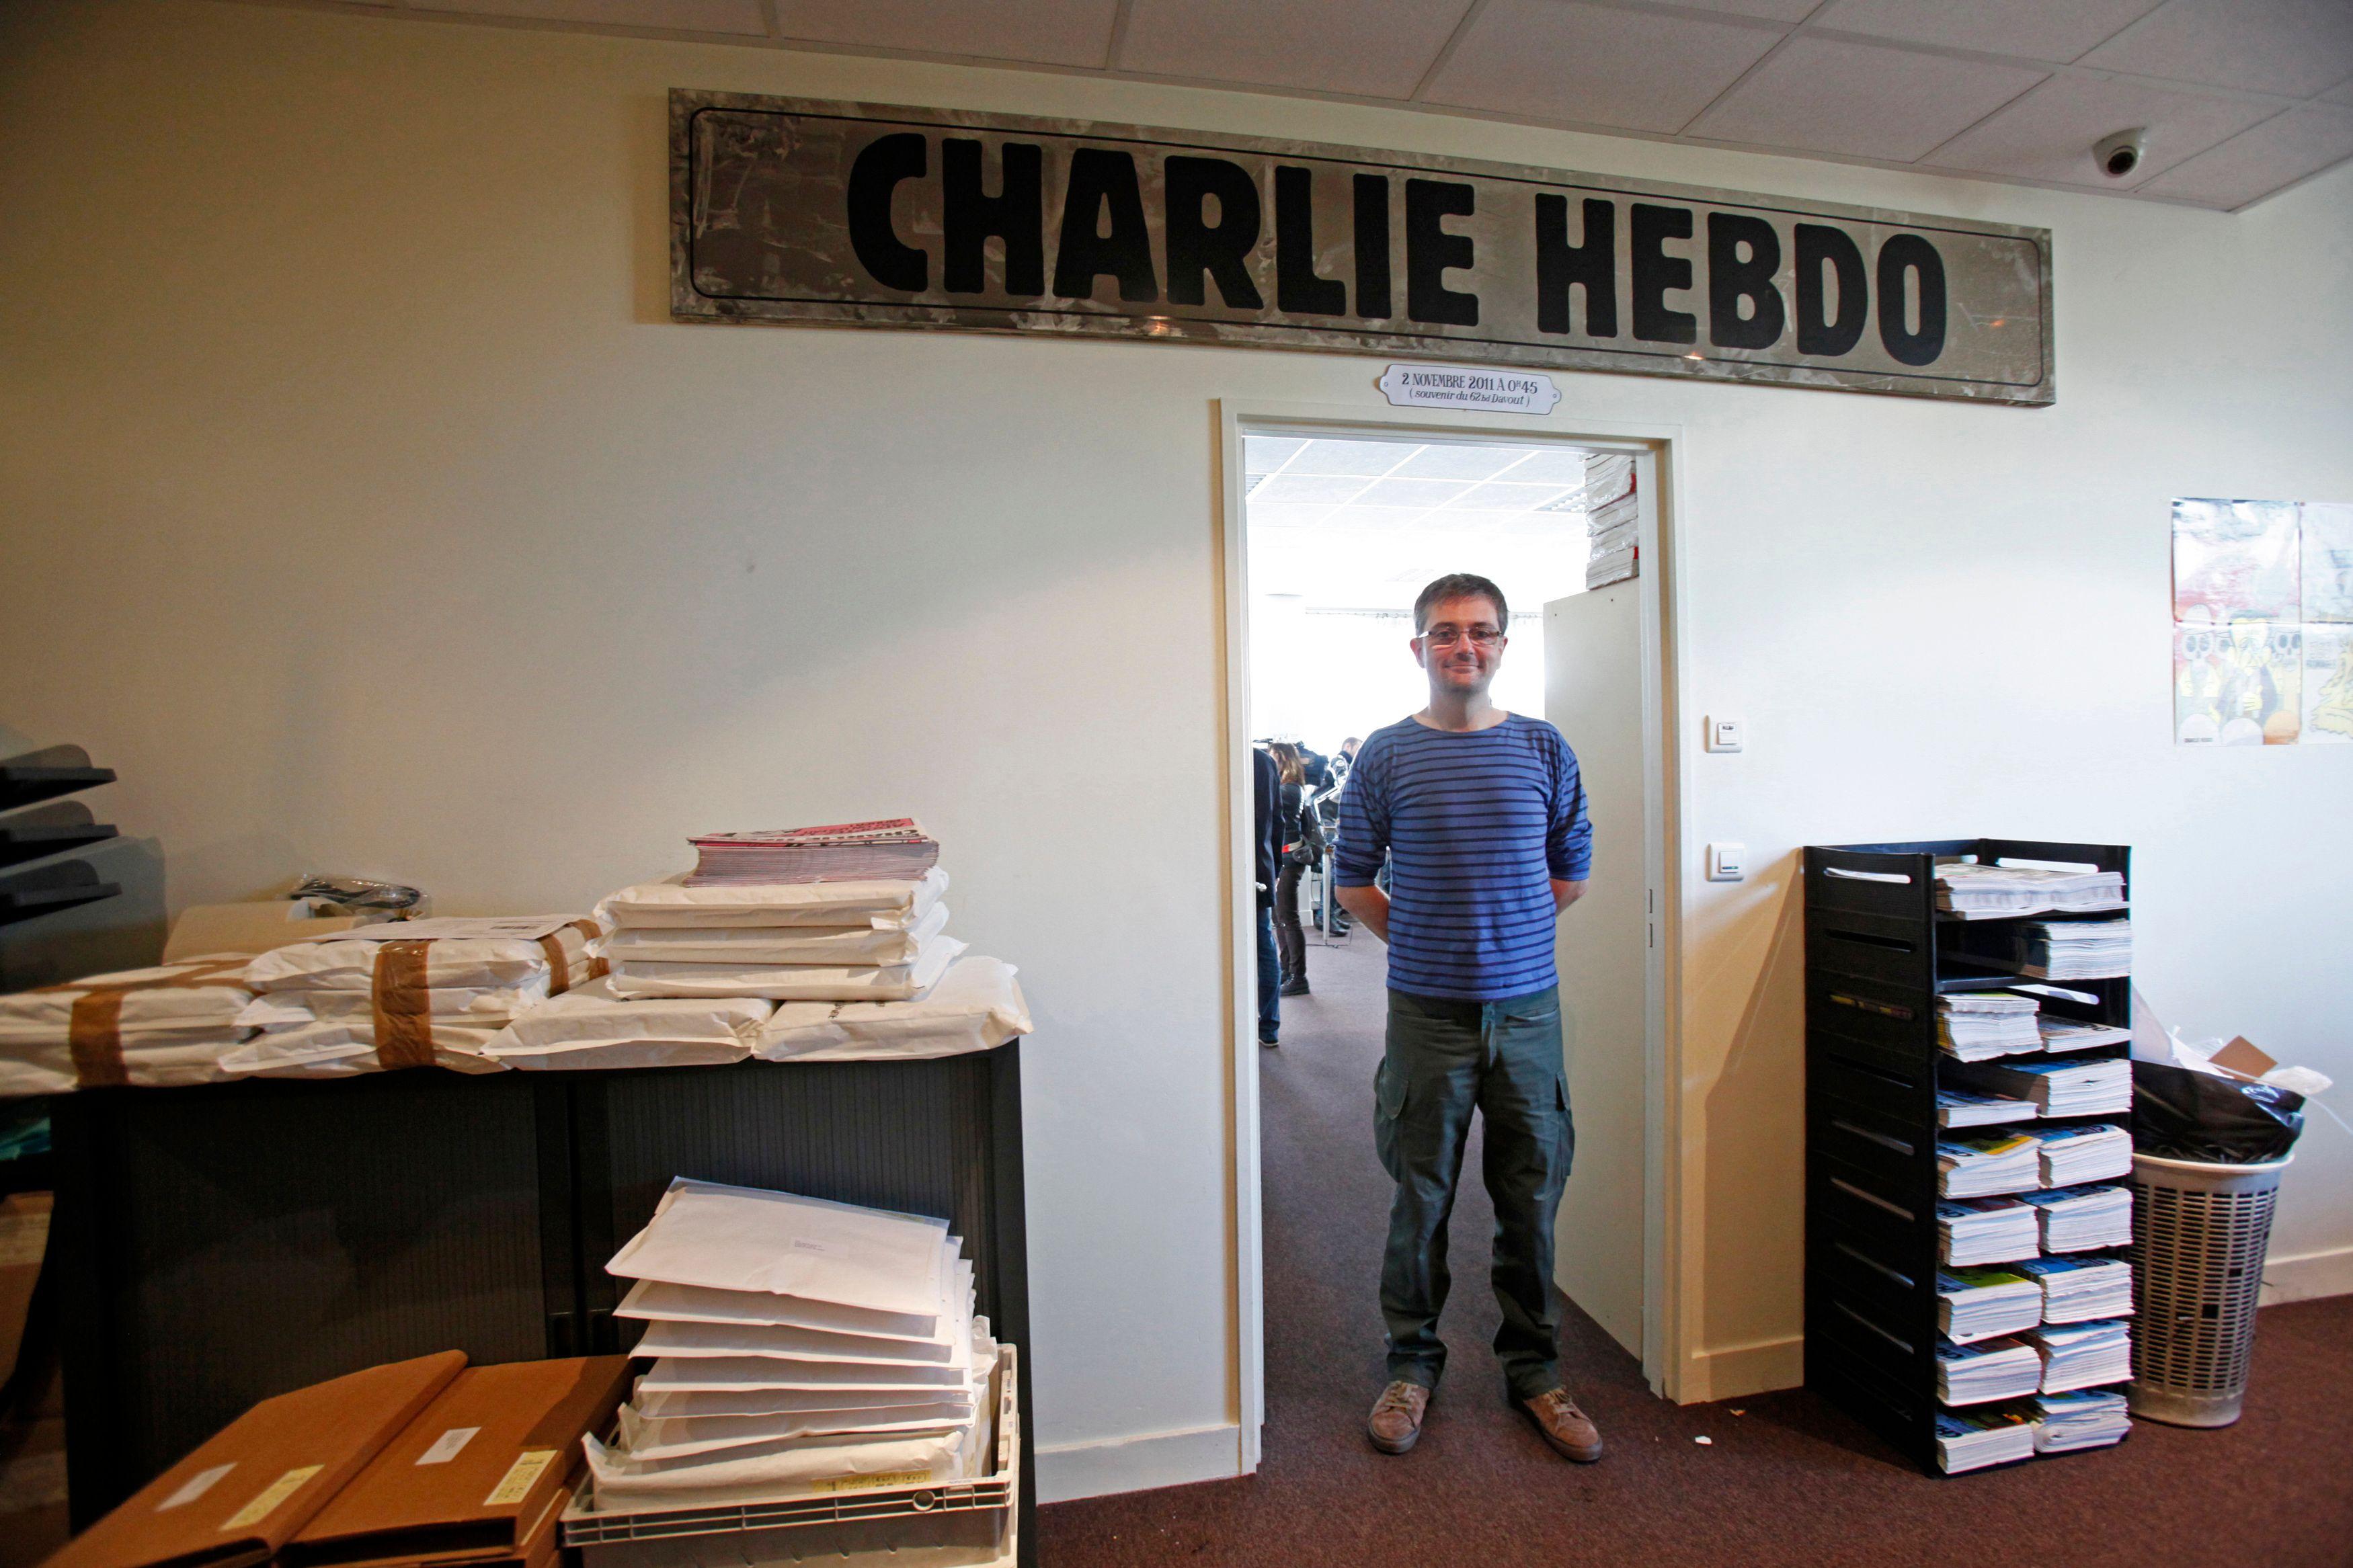 Charb, ancien directeur de publication de Charlie hebdo